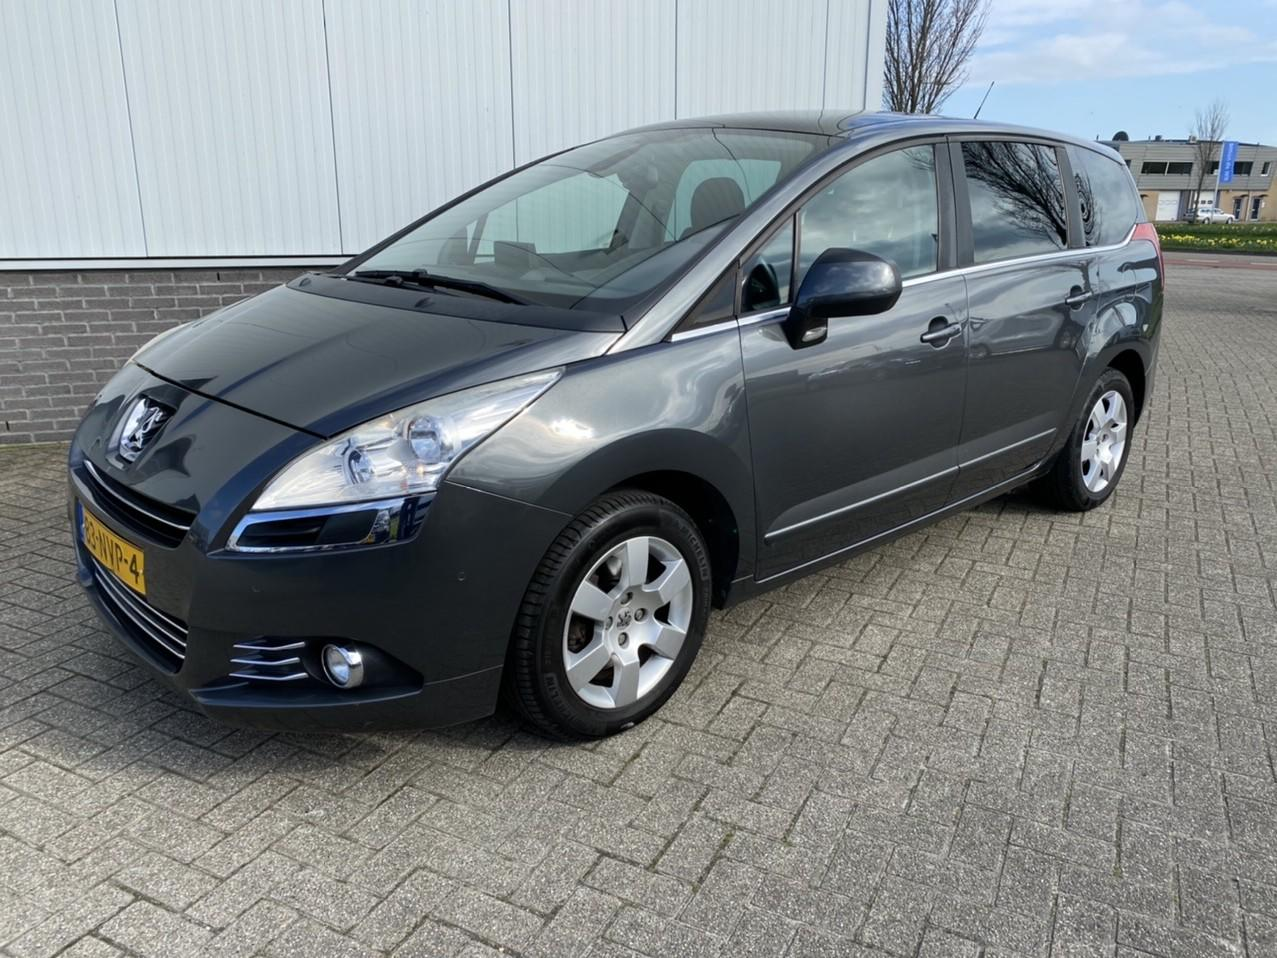 Peugeot 5008 155 pk st rijklaar prijs